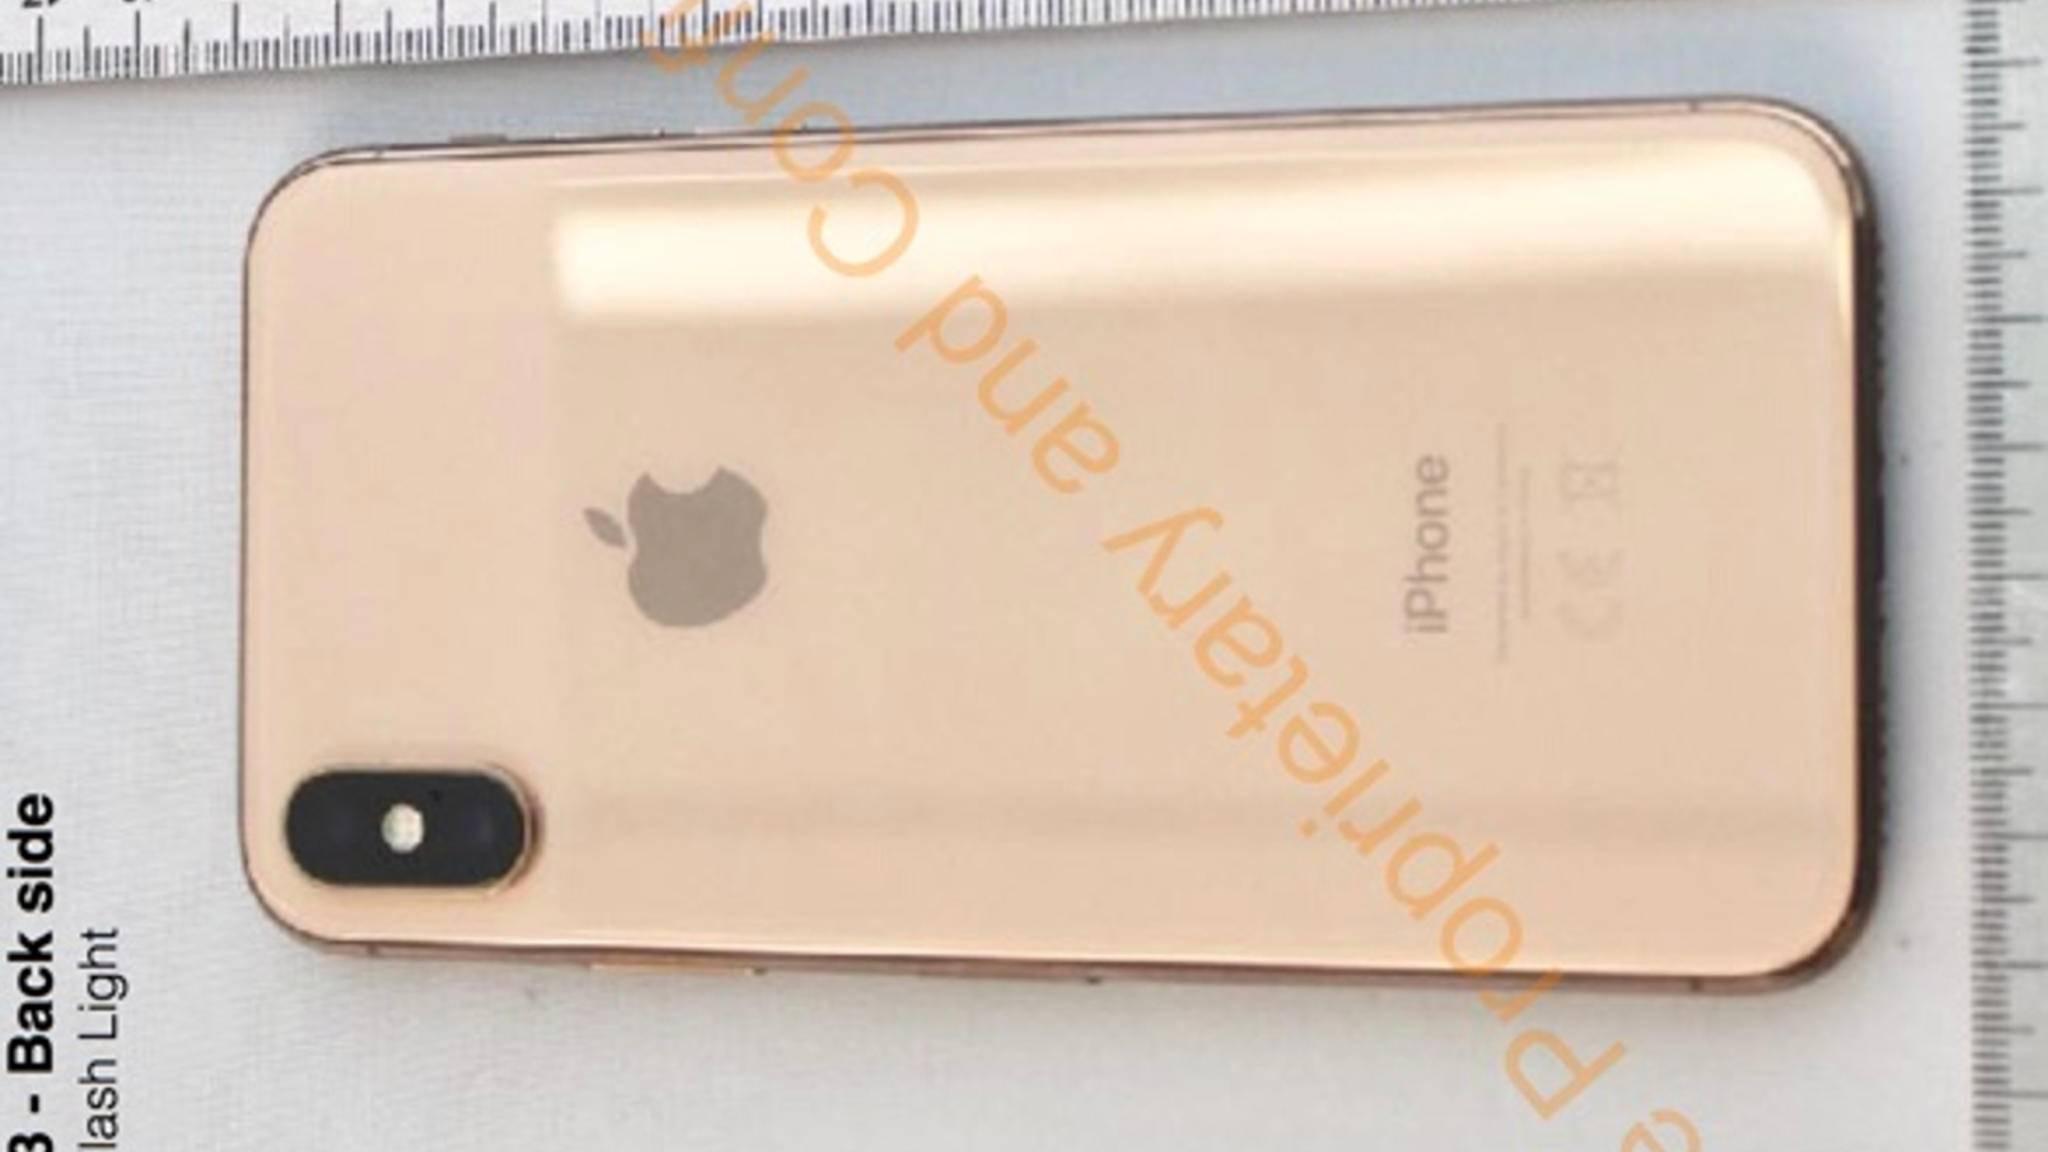 Das iPhone X gibt es offiziell nur in Space Grau und Silber.